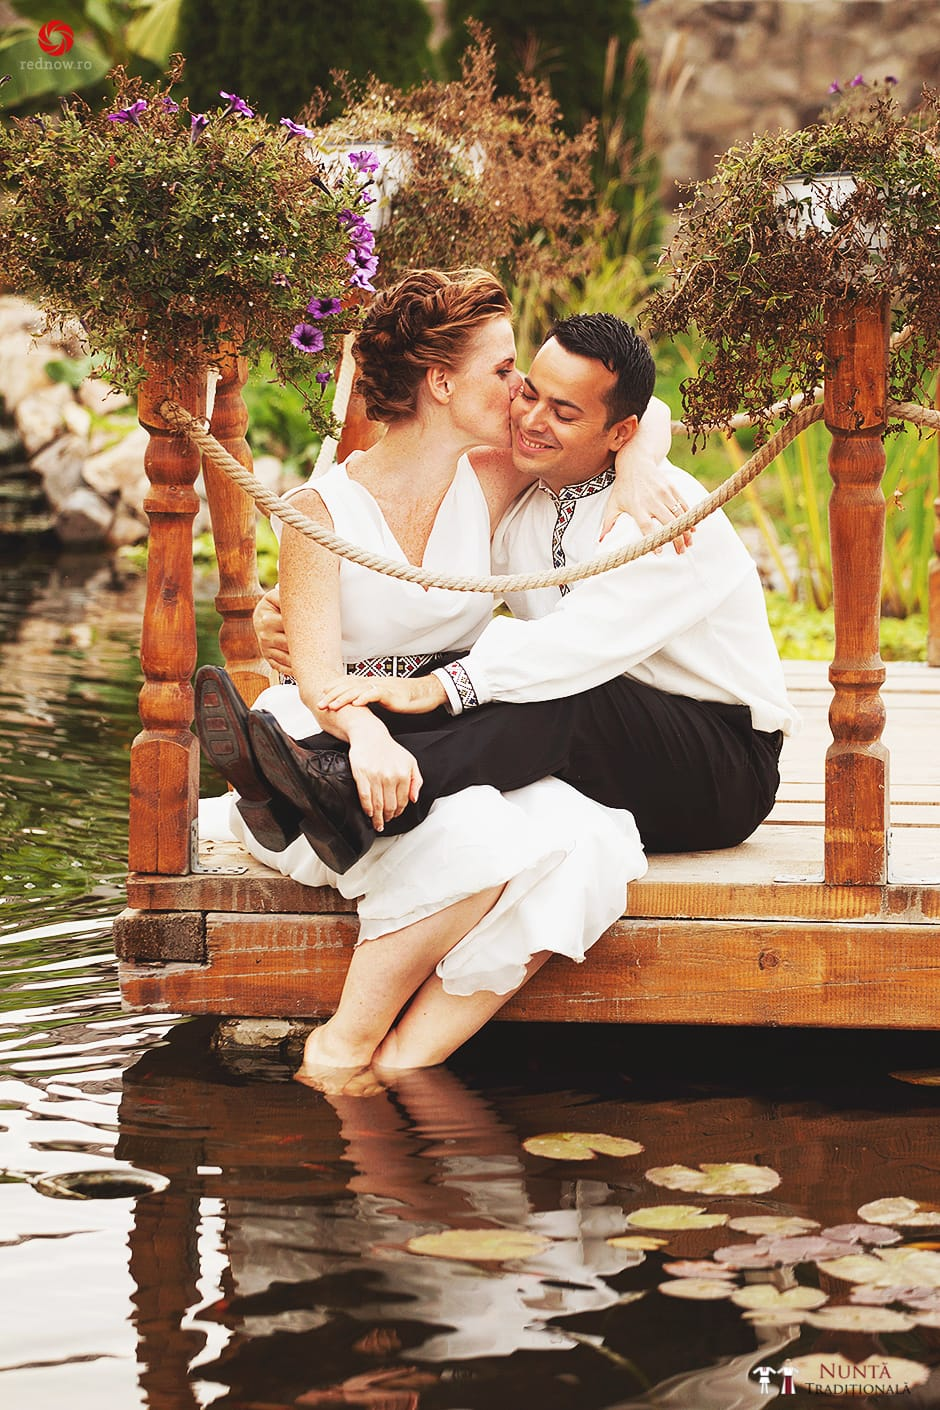 Povești Nunți Tradiționale - Ionatan și Andrea - Nuntă în Crișana. Să ne îmbătăm cu veselia nunții, în culorile toamnei 30